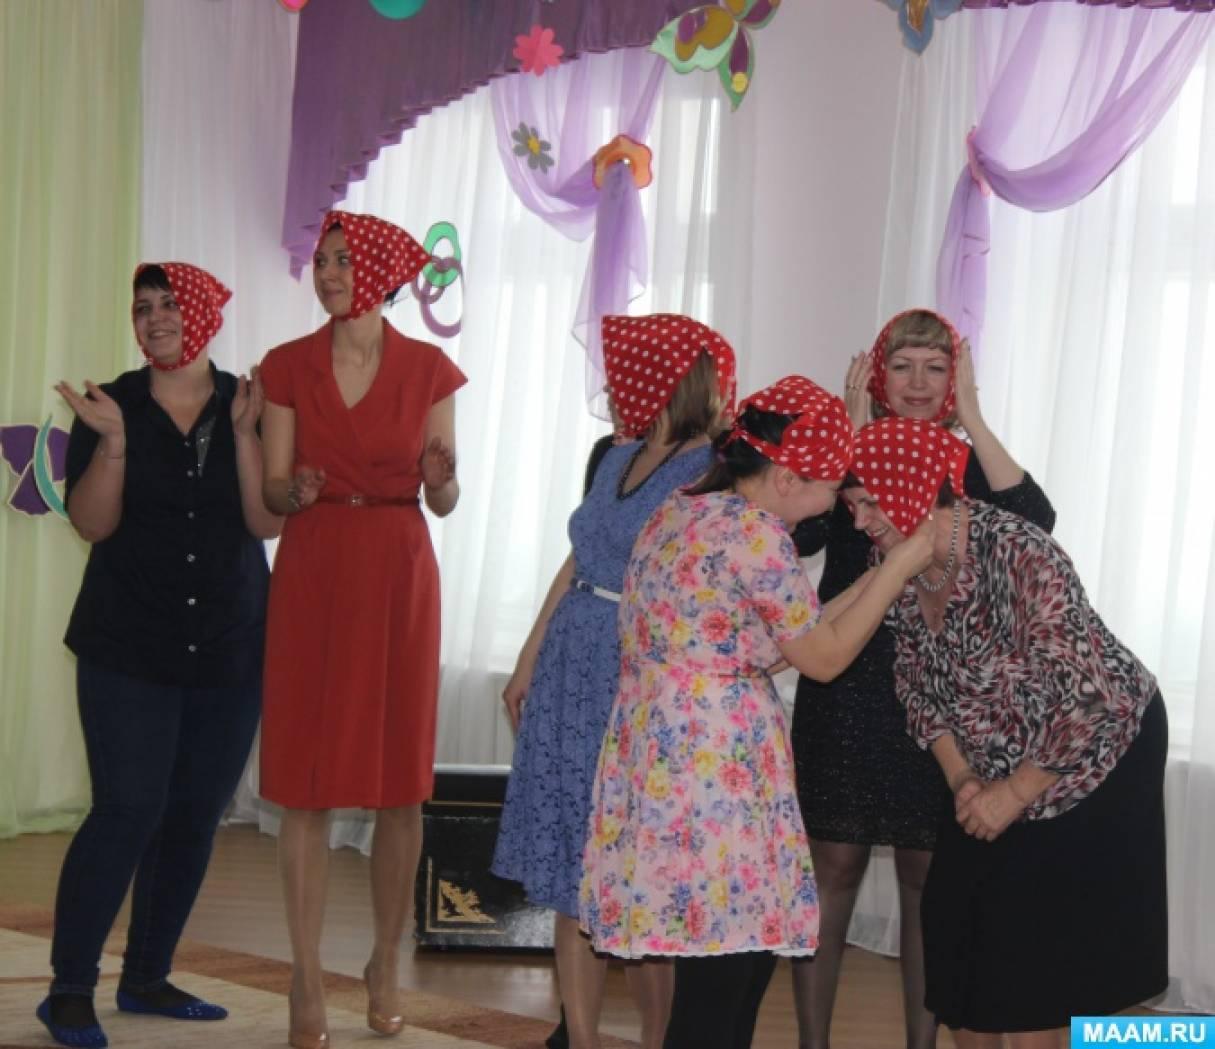 Сценарий и конкурсы юбилея для бабушки